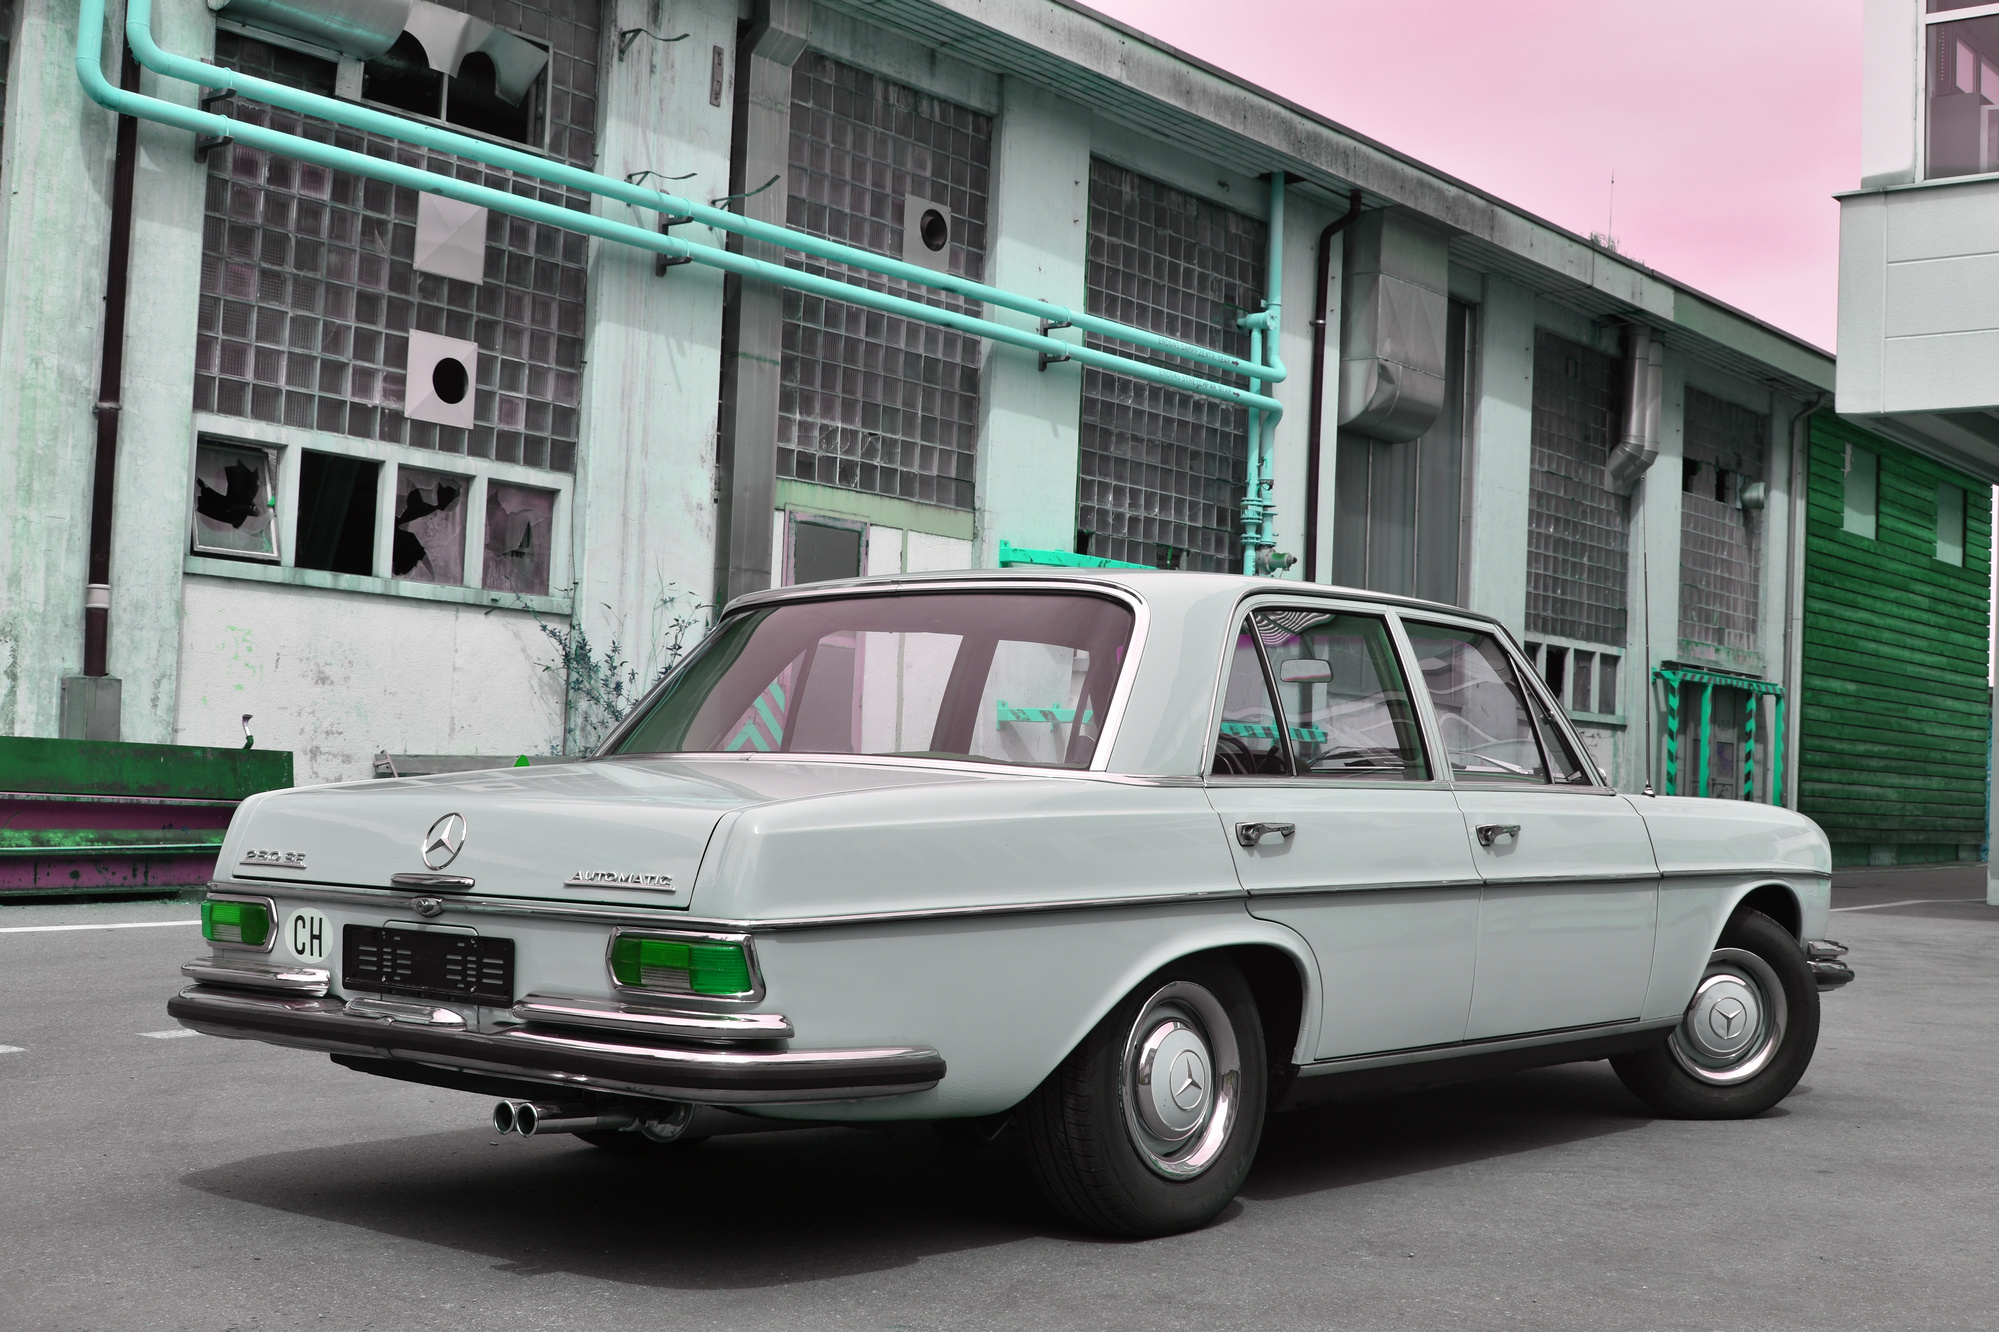 Mercedes-Benz 250 SE classic car (1966) in Rückansicht mit Industriegebäude im Hintergrund